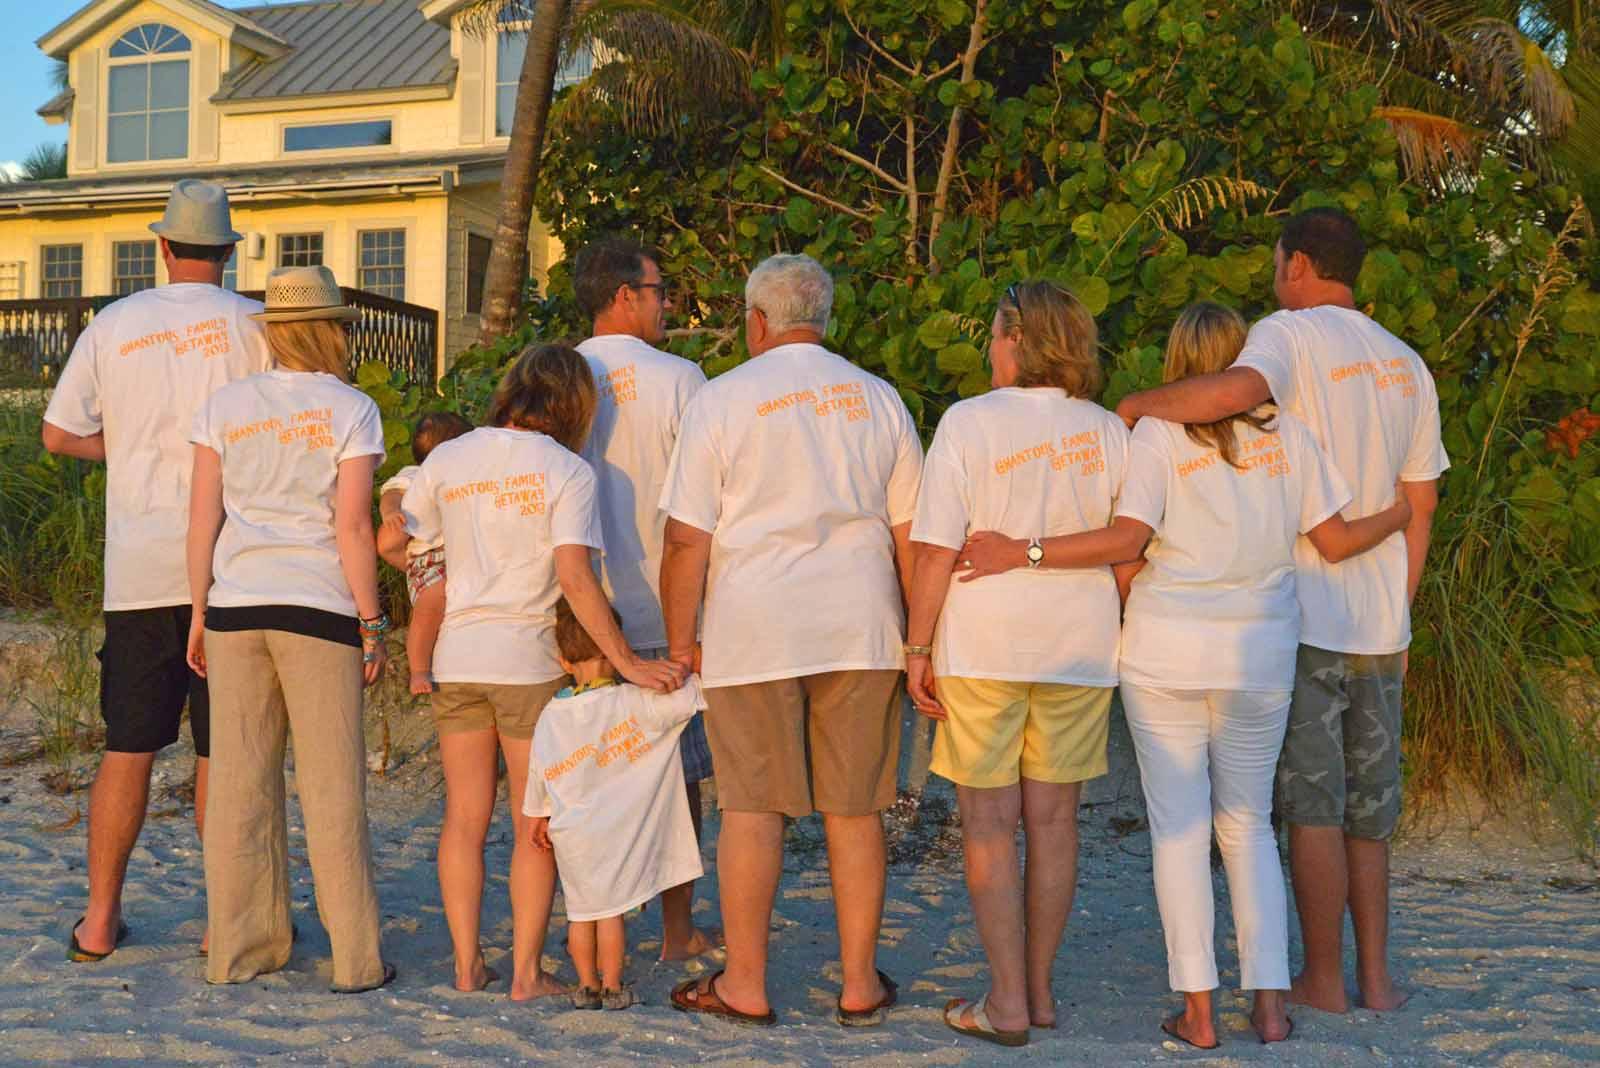 Ghantous Family Photo 2013 Back Shirt.jpg